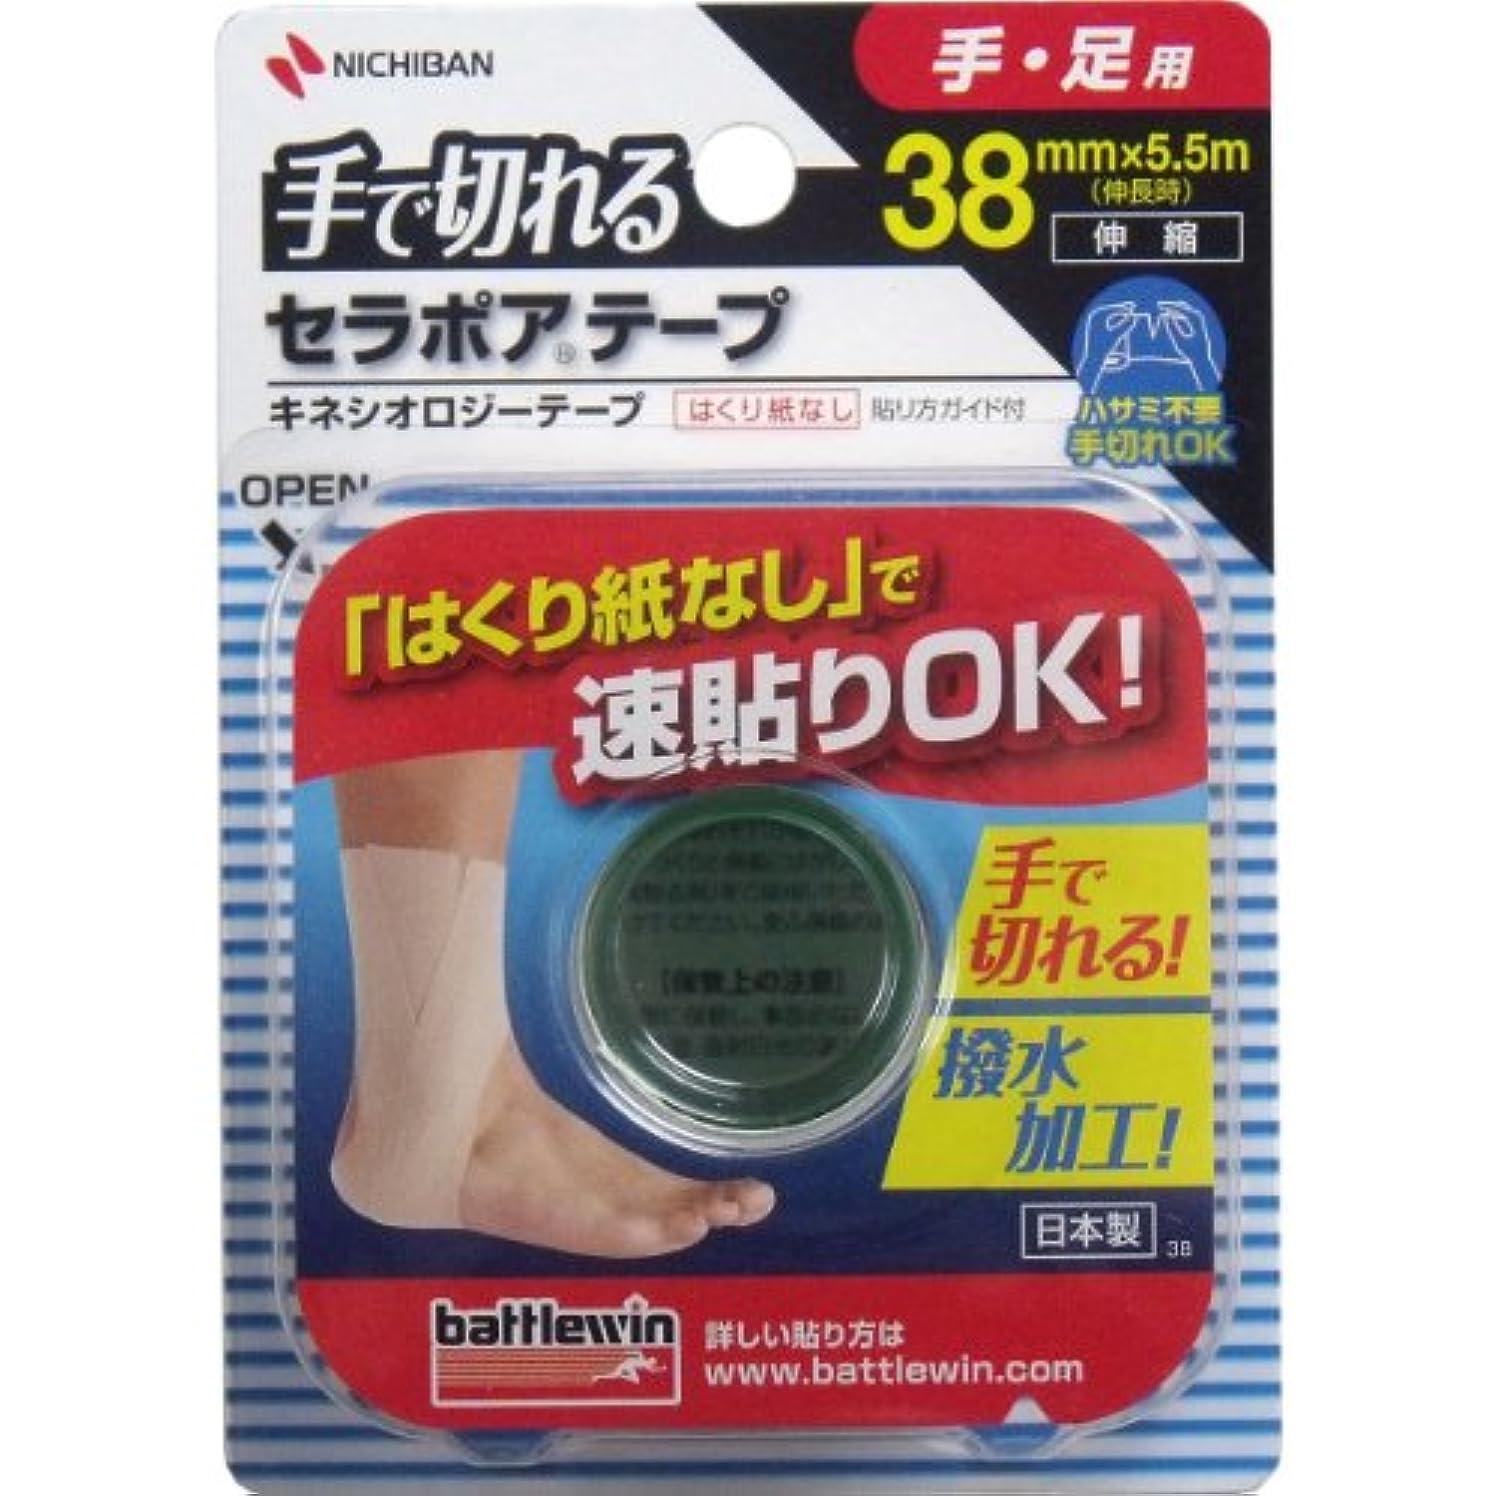 ウェイトレス評価マイクバトルウィン 手で切れるセラポアテープ 38mmX5.5m SEFX38F×20個セット